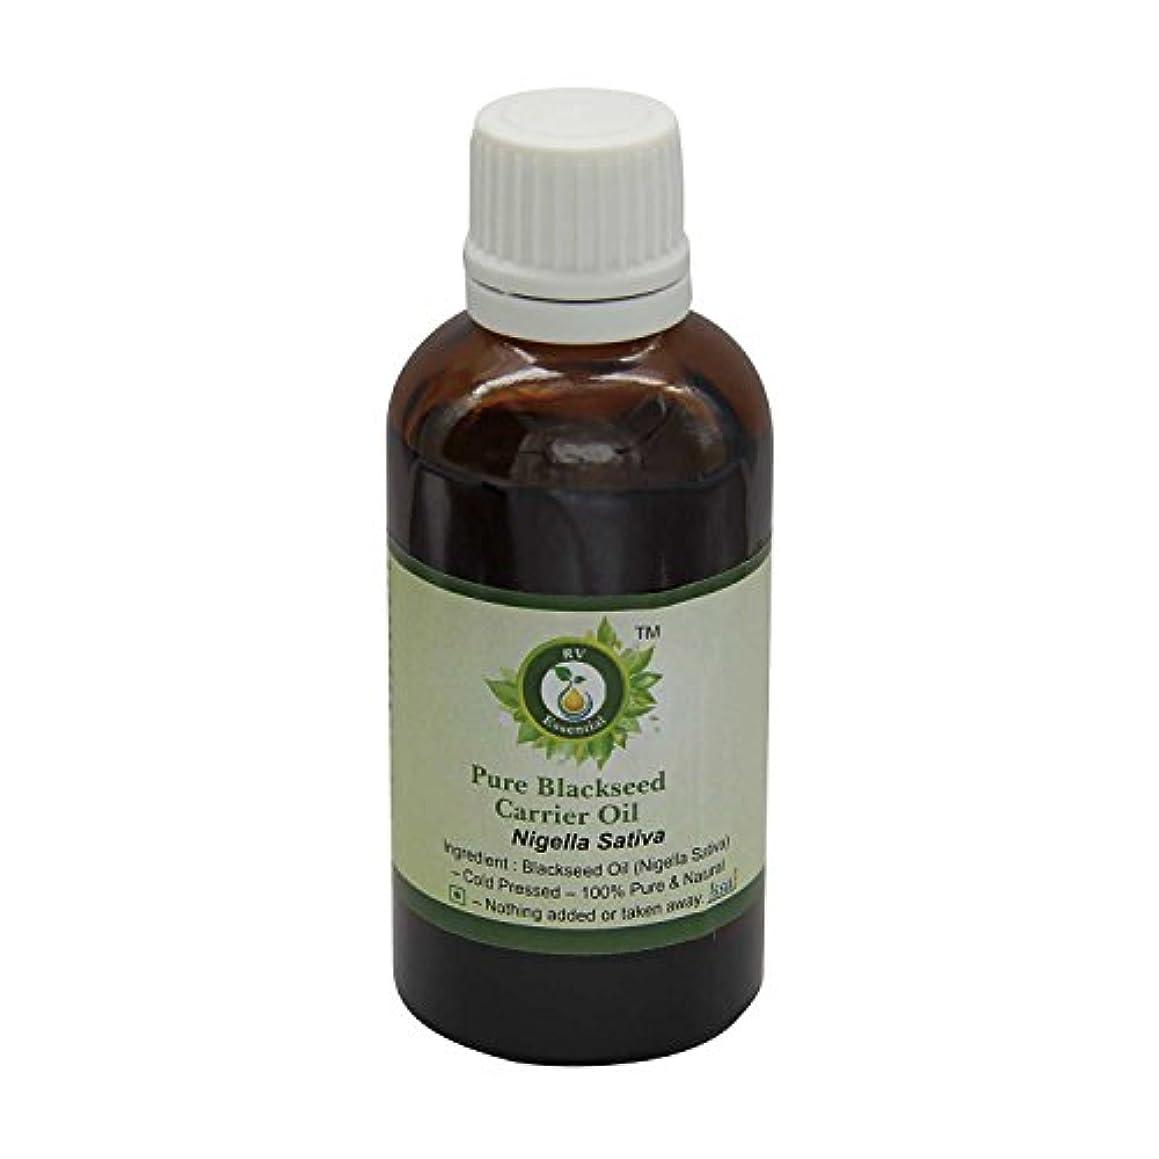 ペルソナ姿を消す文言R V Essential ピュアブラックシードキャリアオイル5ml (0.169oz)- Nigella Sativa (100%ピュア&ナチュラルコールドPressed) Pure Blackseed Carrier Oil